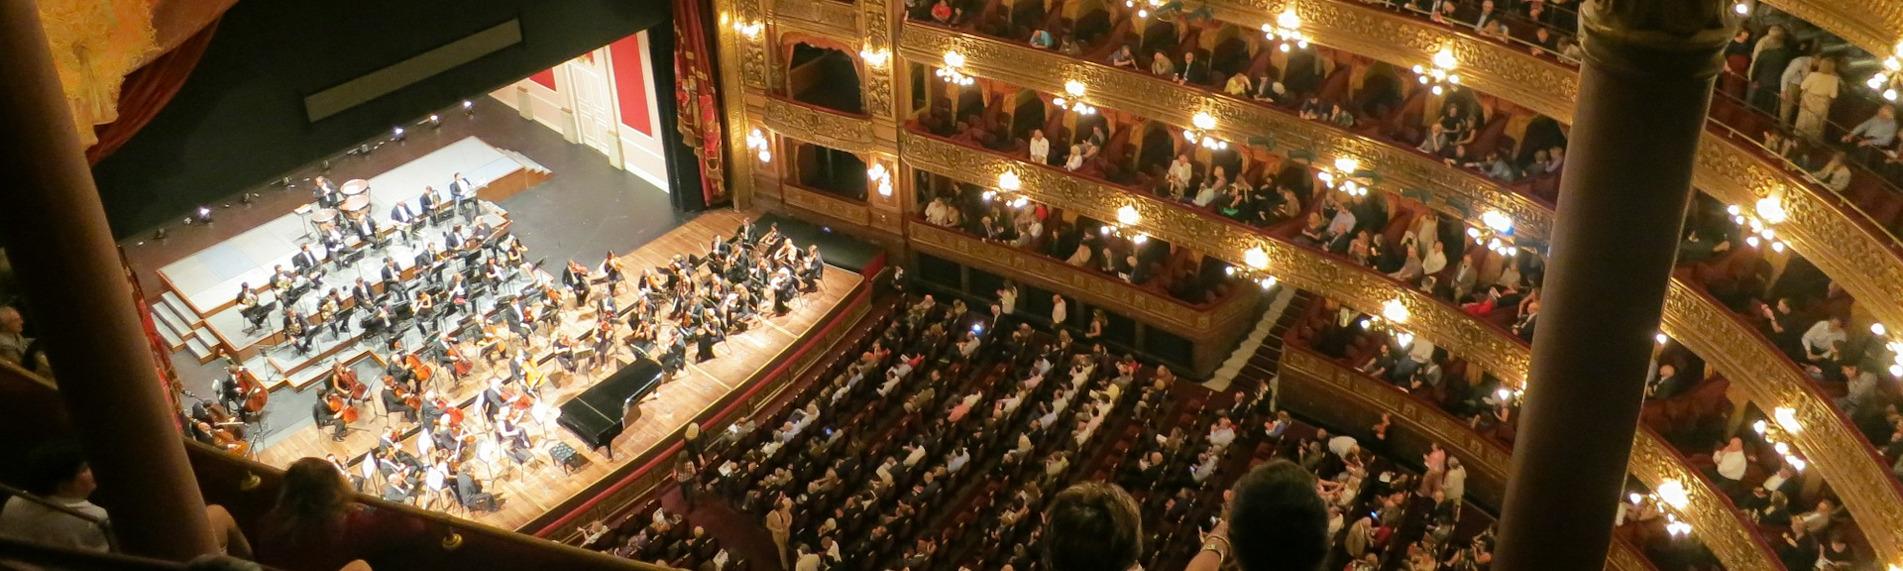 Koncertsale og musikhuse har behov for korrekt luftbefugtning